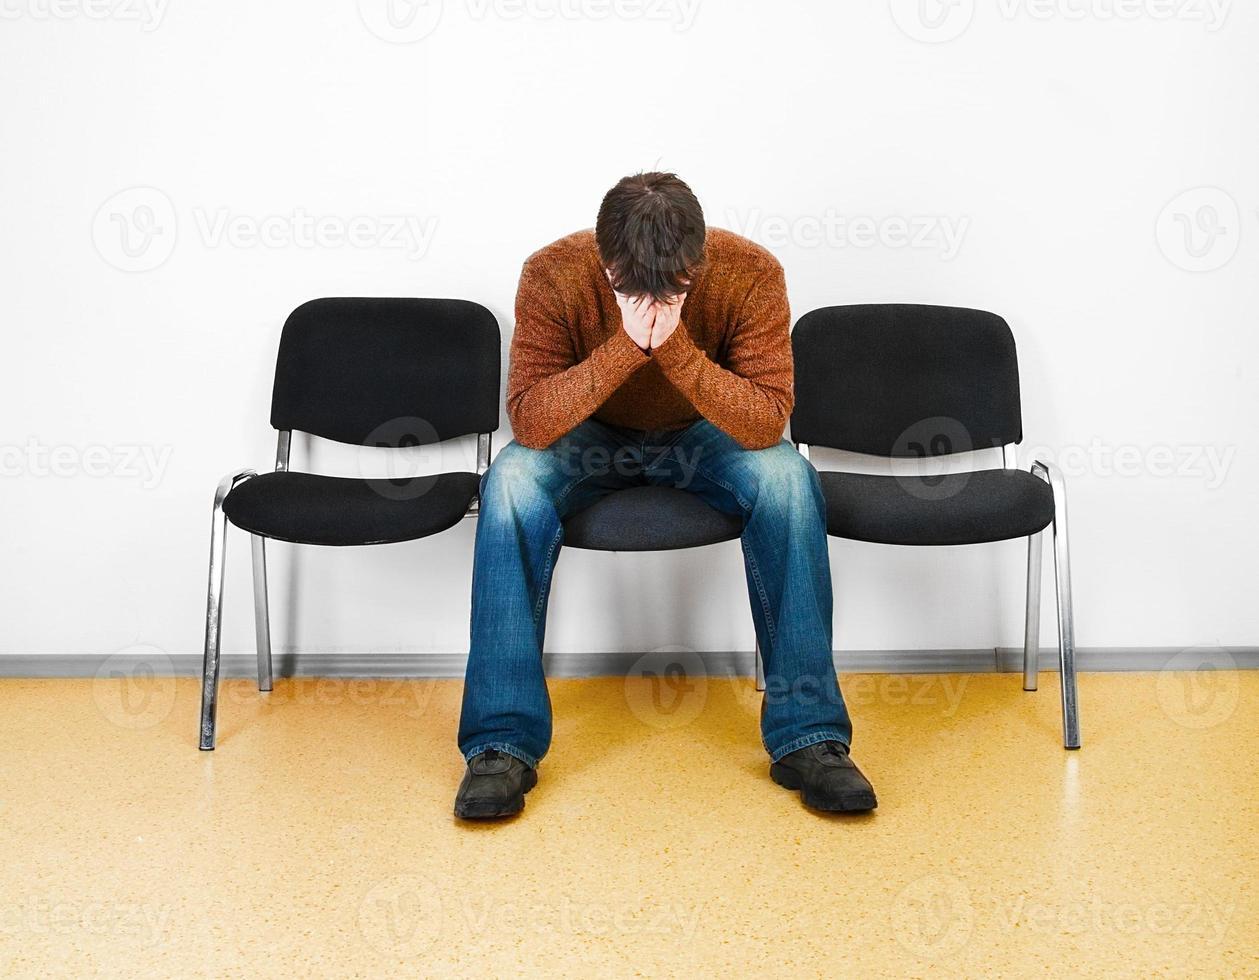 hombre estresado en una sala de espera foto